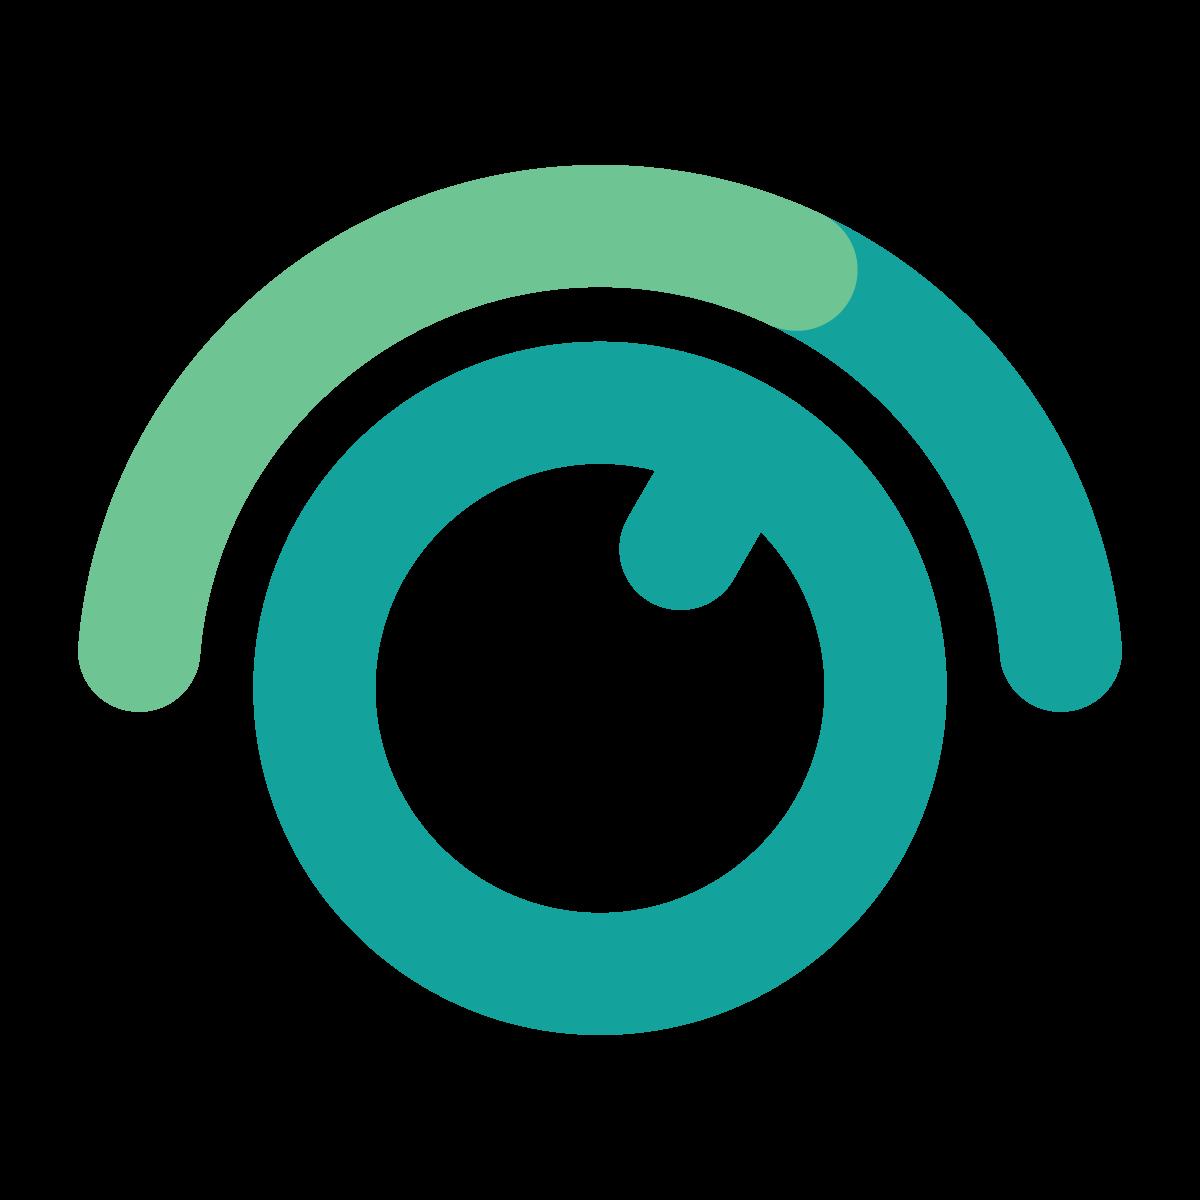 Verhaal Logo